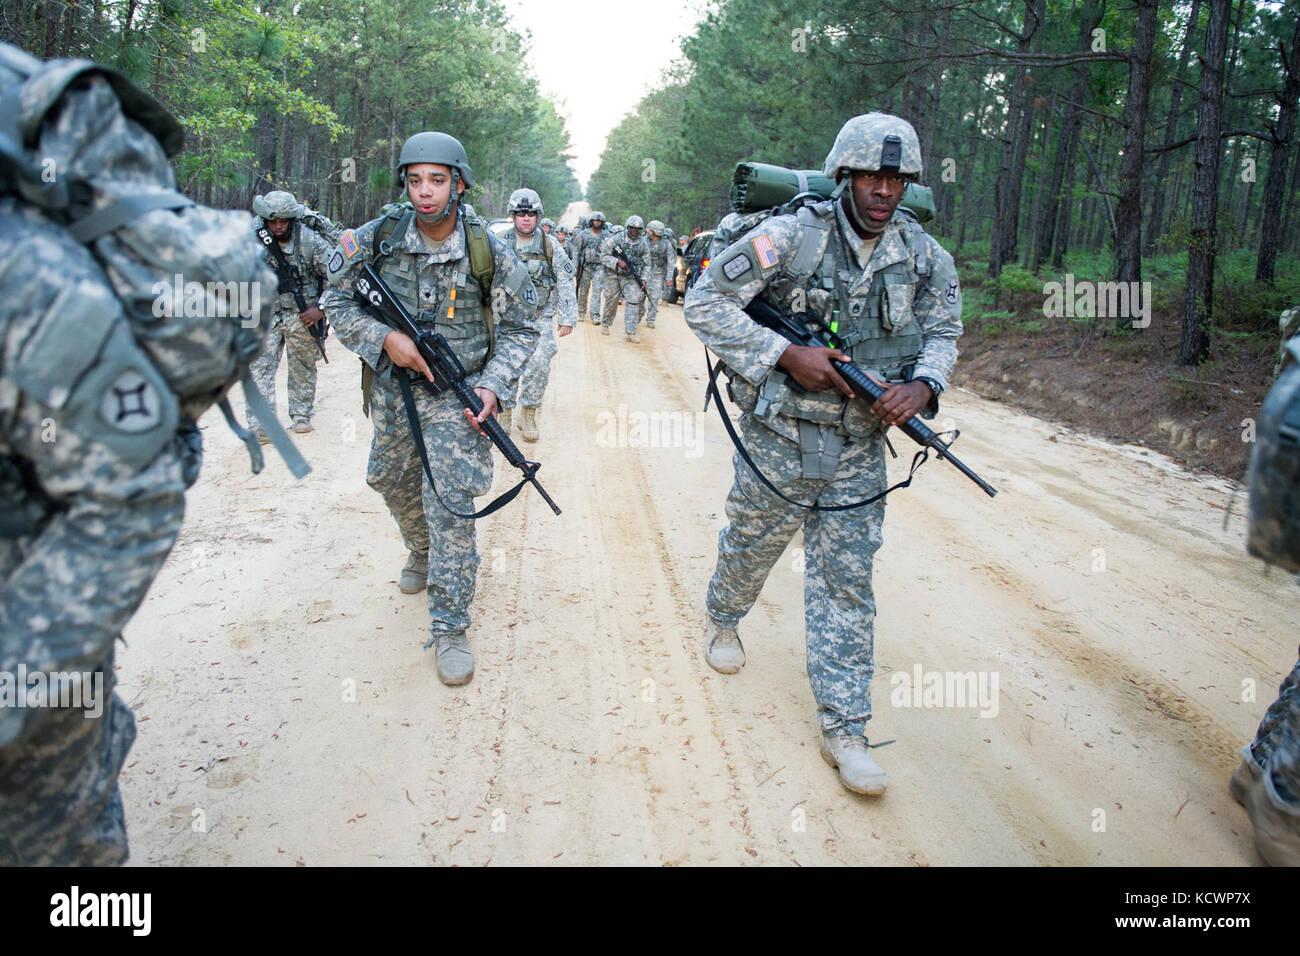 Florida Air National Guard Stock Photos & Florida Air National Guard